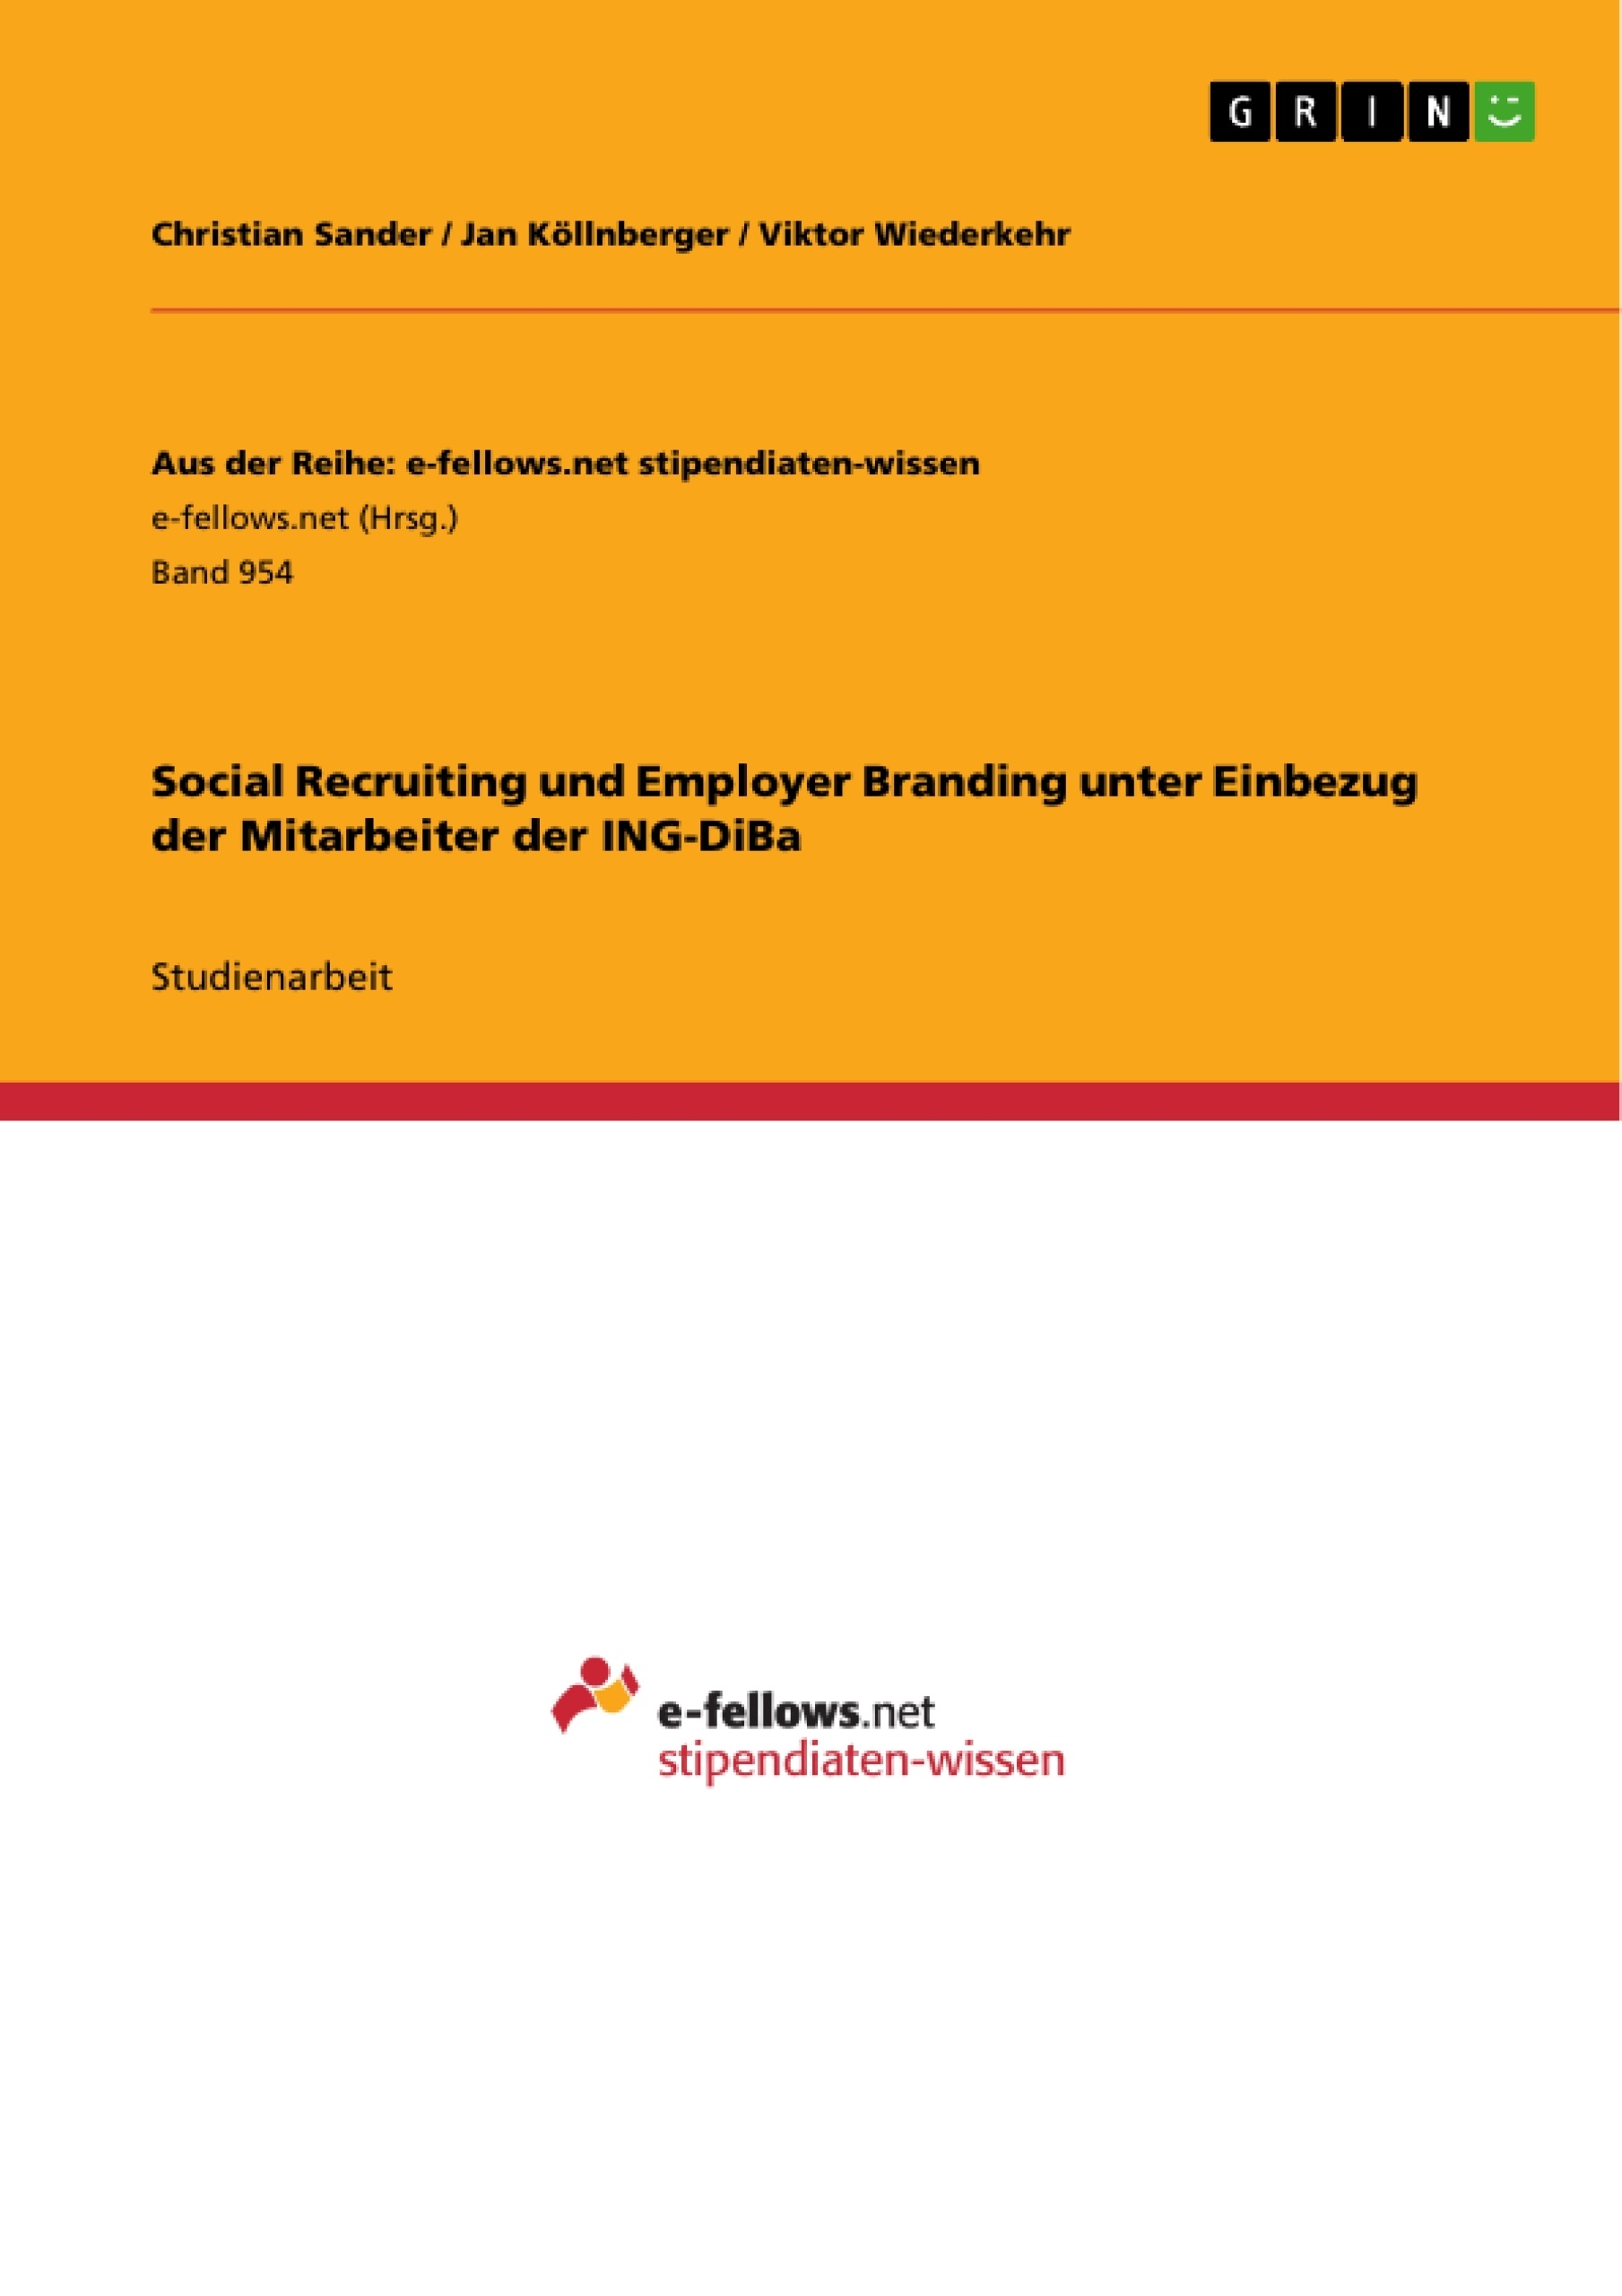 Titel: Social Recruiting und Employer Branding unter Einbezug der Mitarbeiter der ING-DiBa